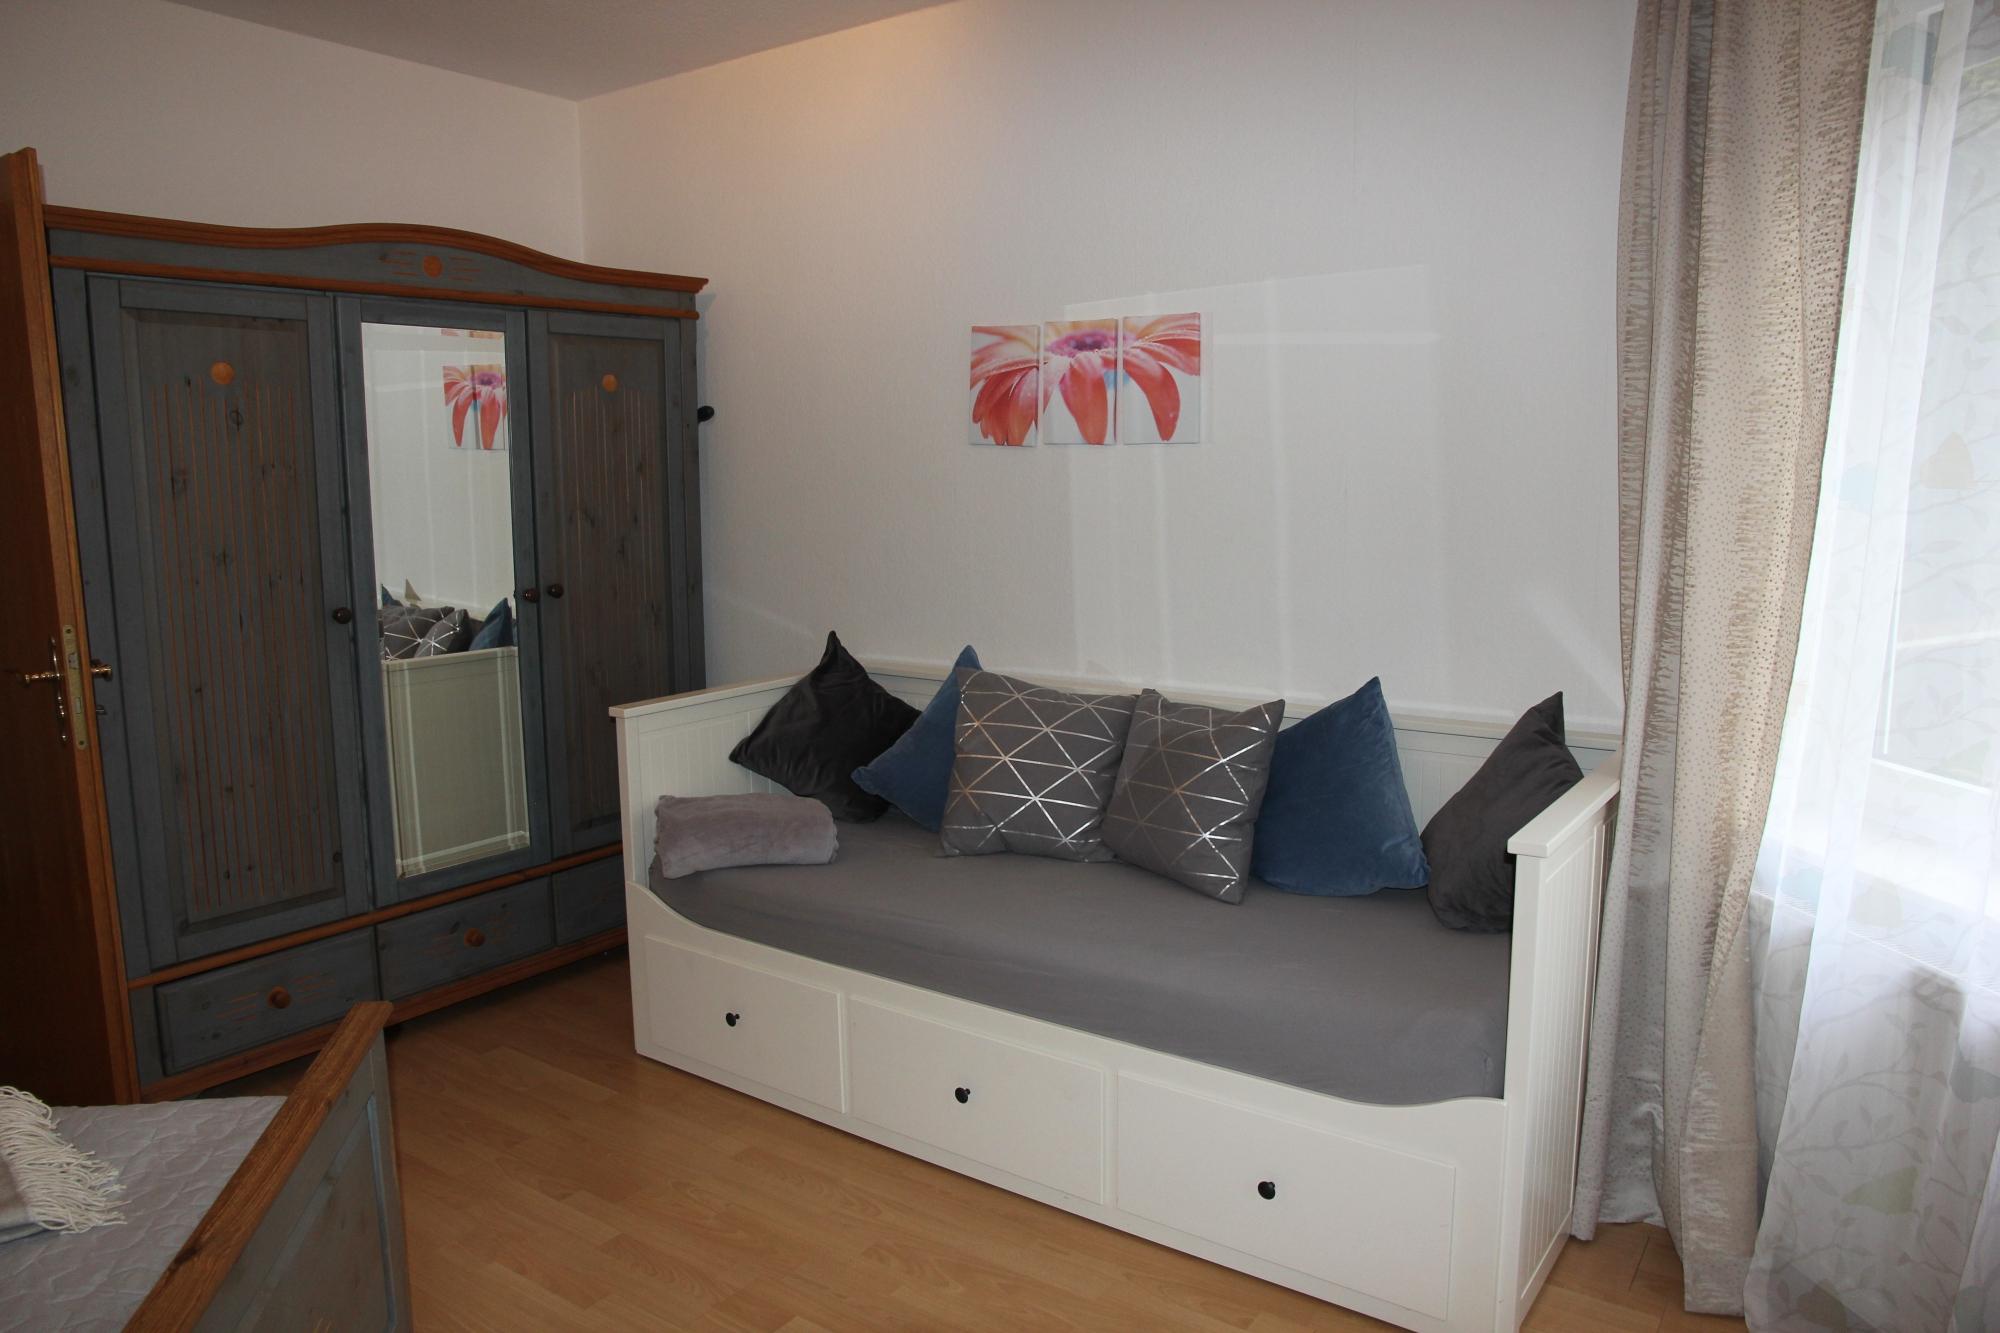 Ferienwohnung Sayn - Schlafzimmer:2